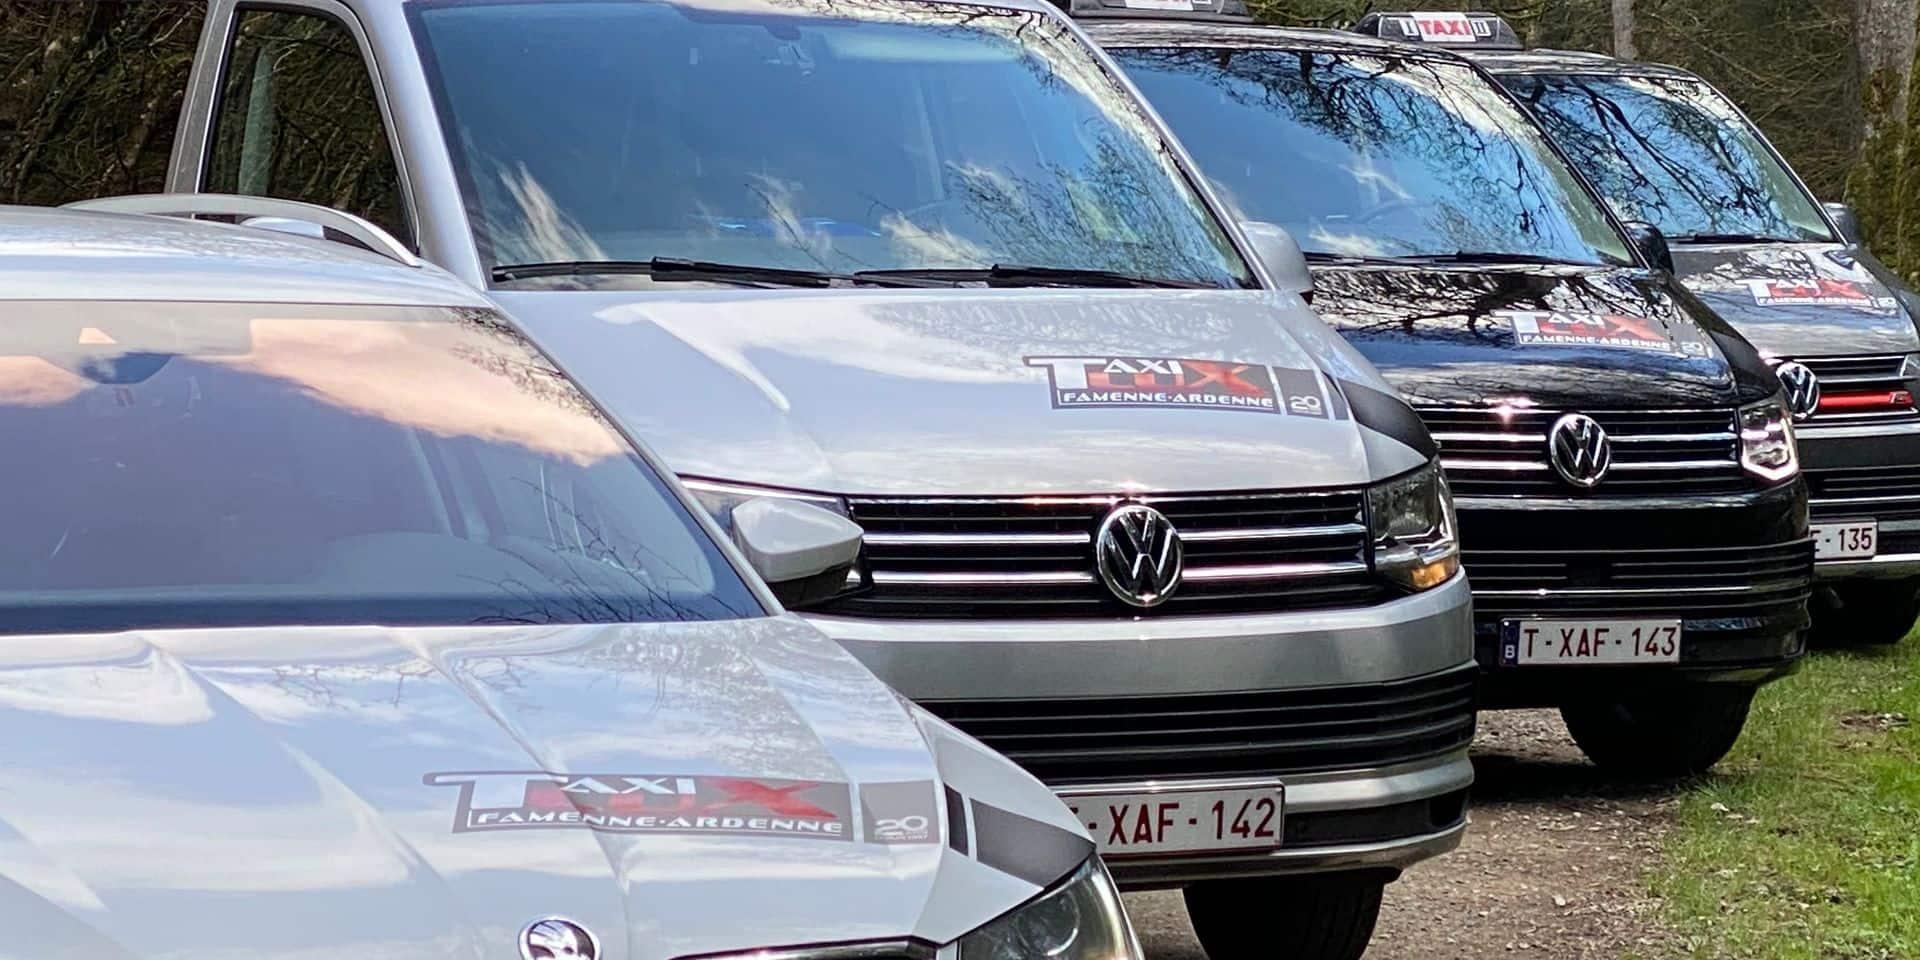 Les chauffeurs de taxi, comme ceux de Taxilux à Libramont, doivent aussi s'adapter